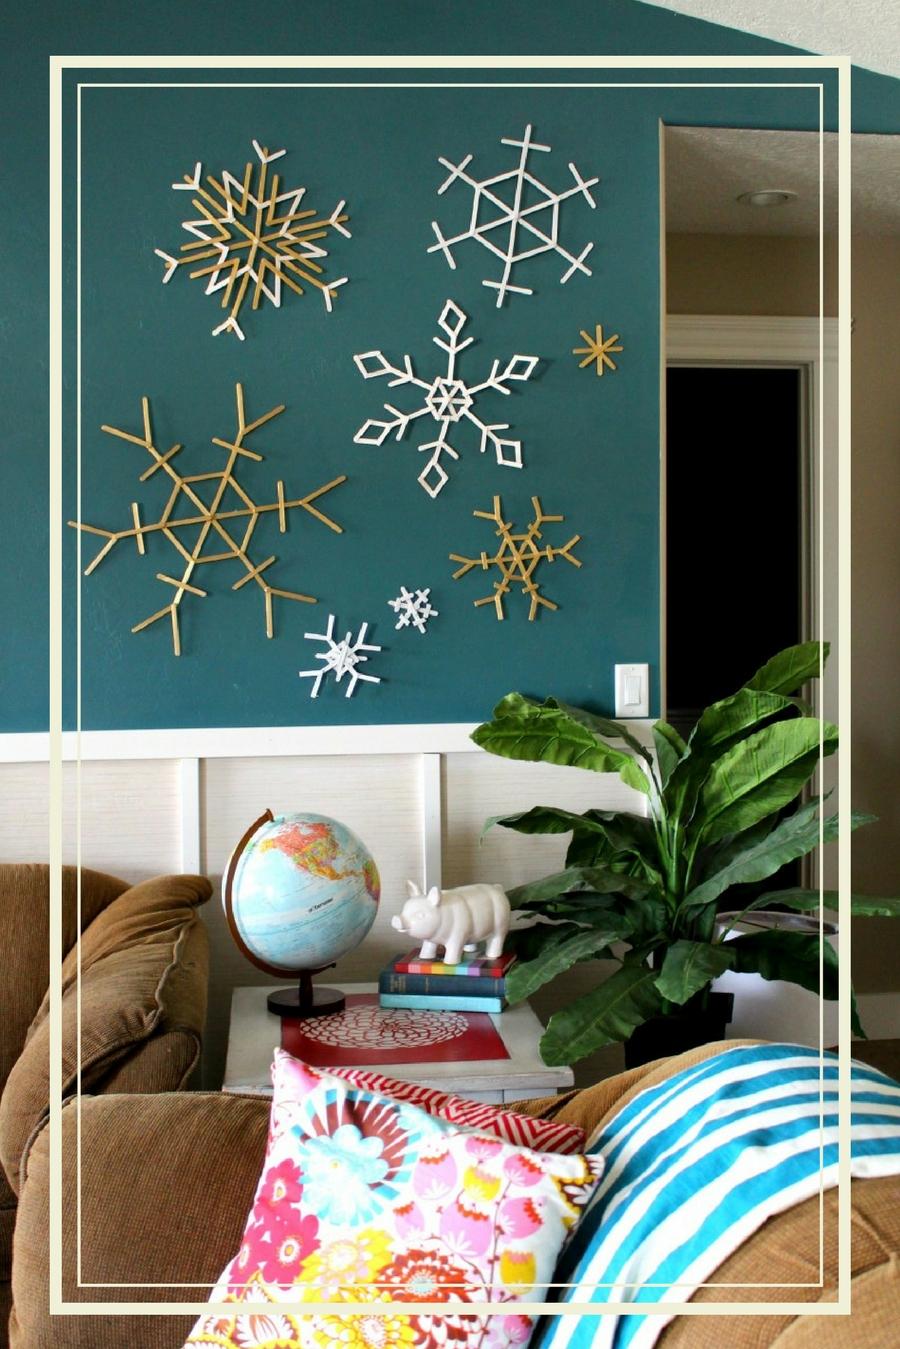 Decorazioni natalizie fai da te gli addobbi per la casa - Decorazioni natalizie ...